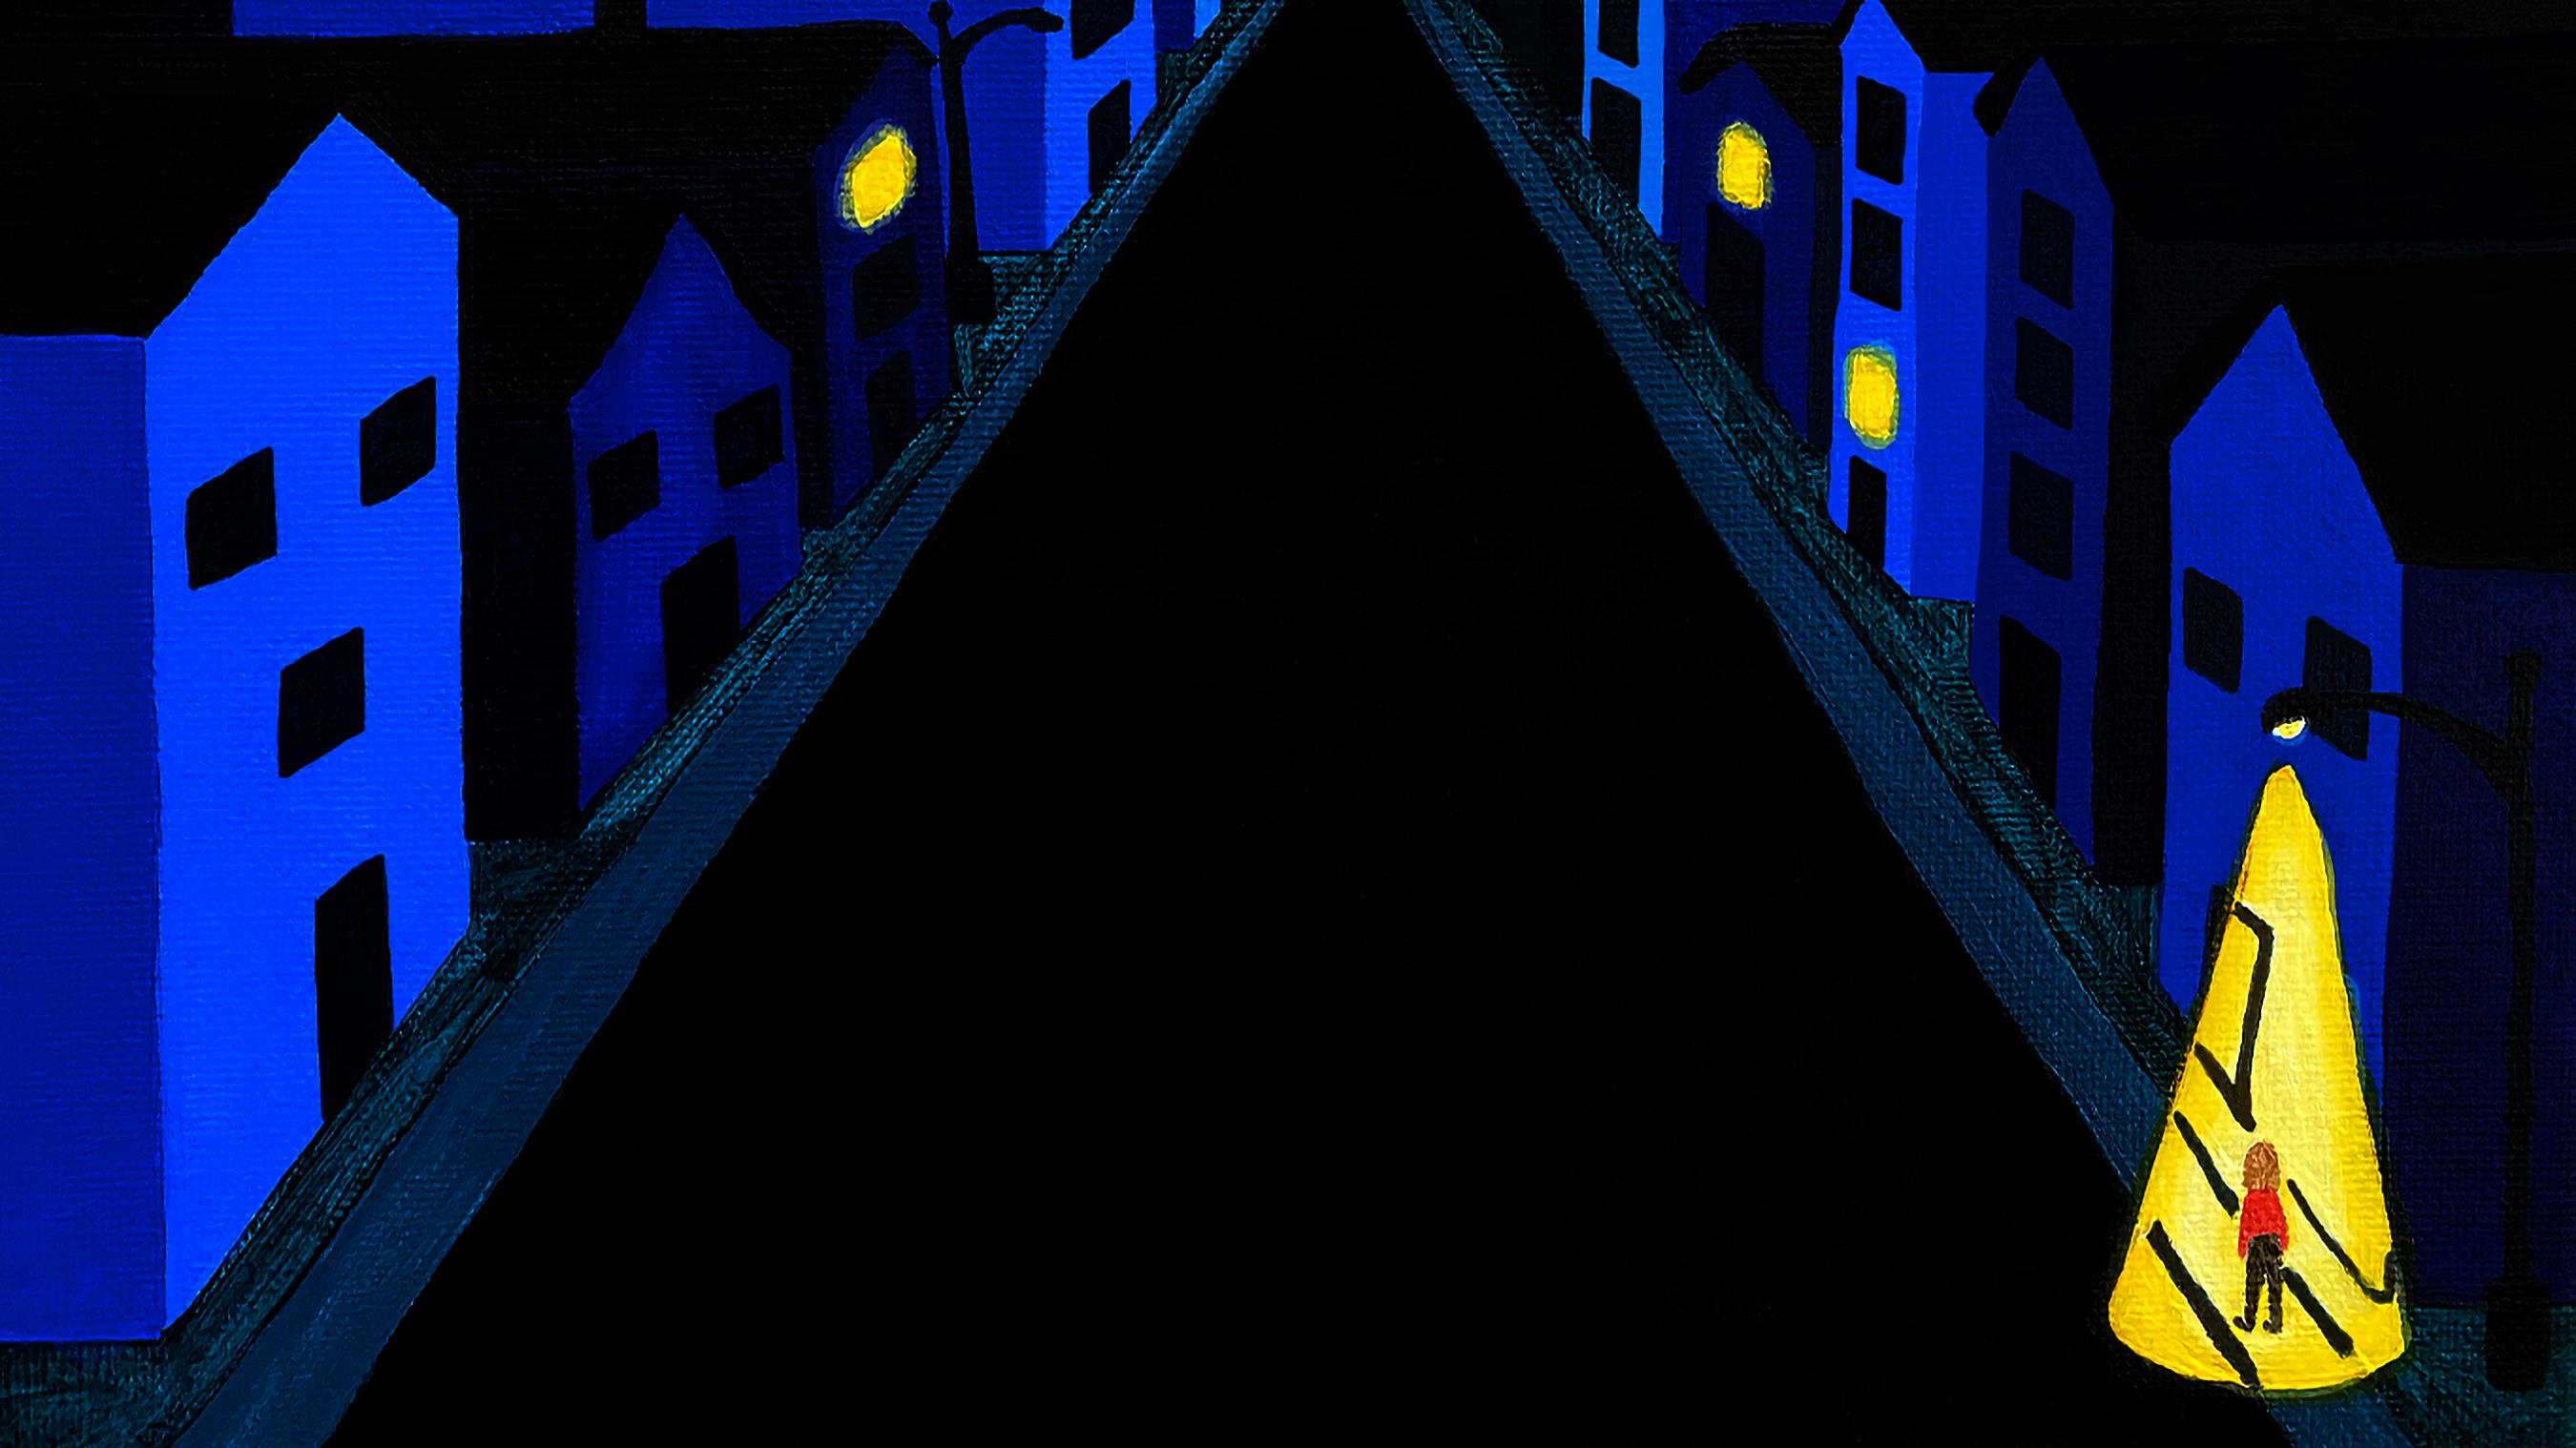 A woman at night